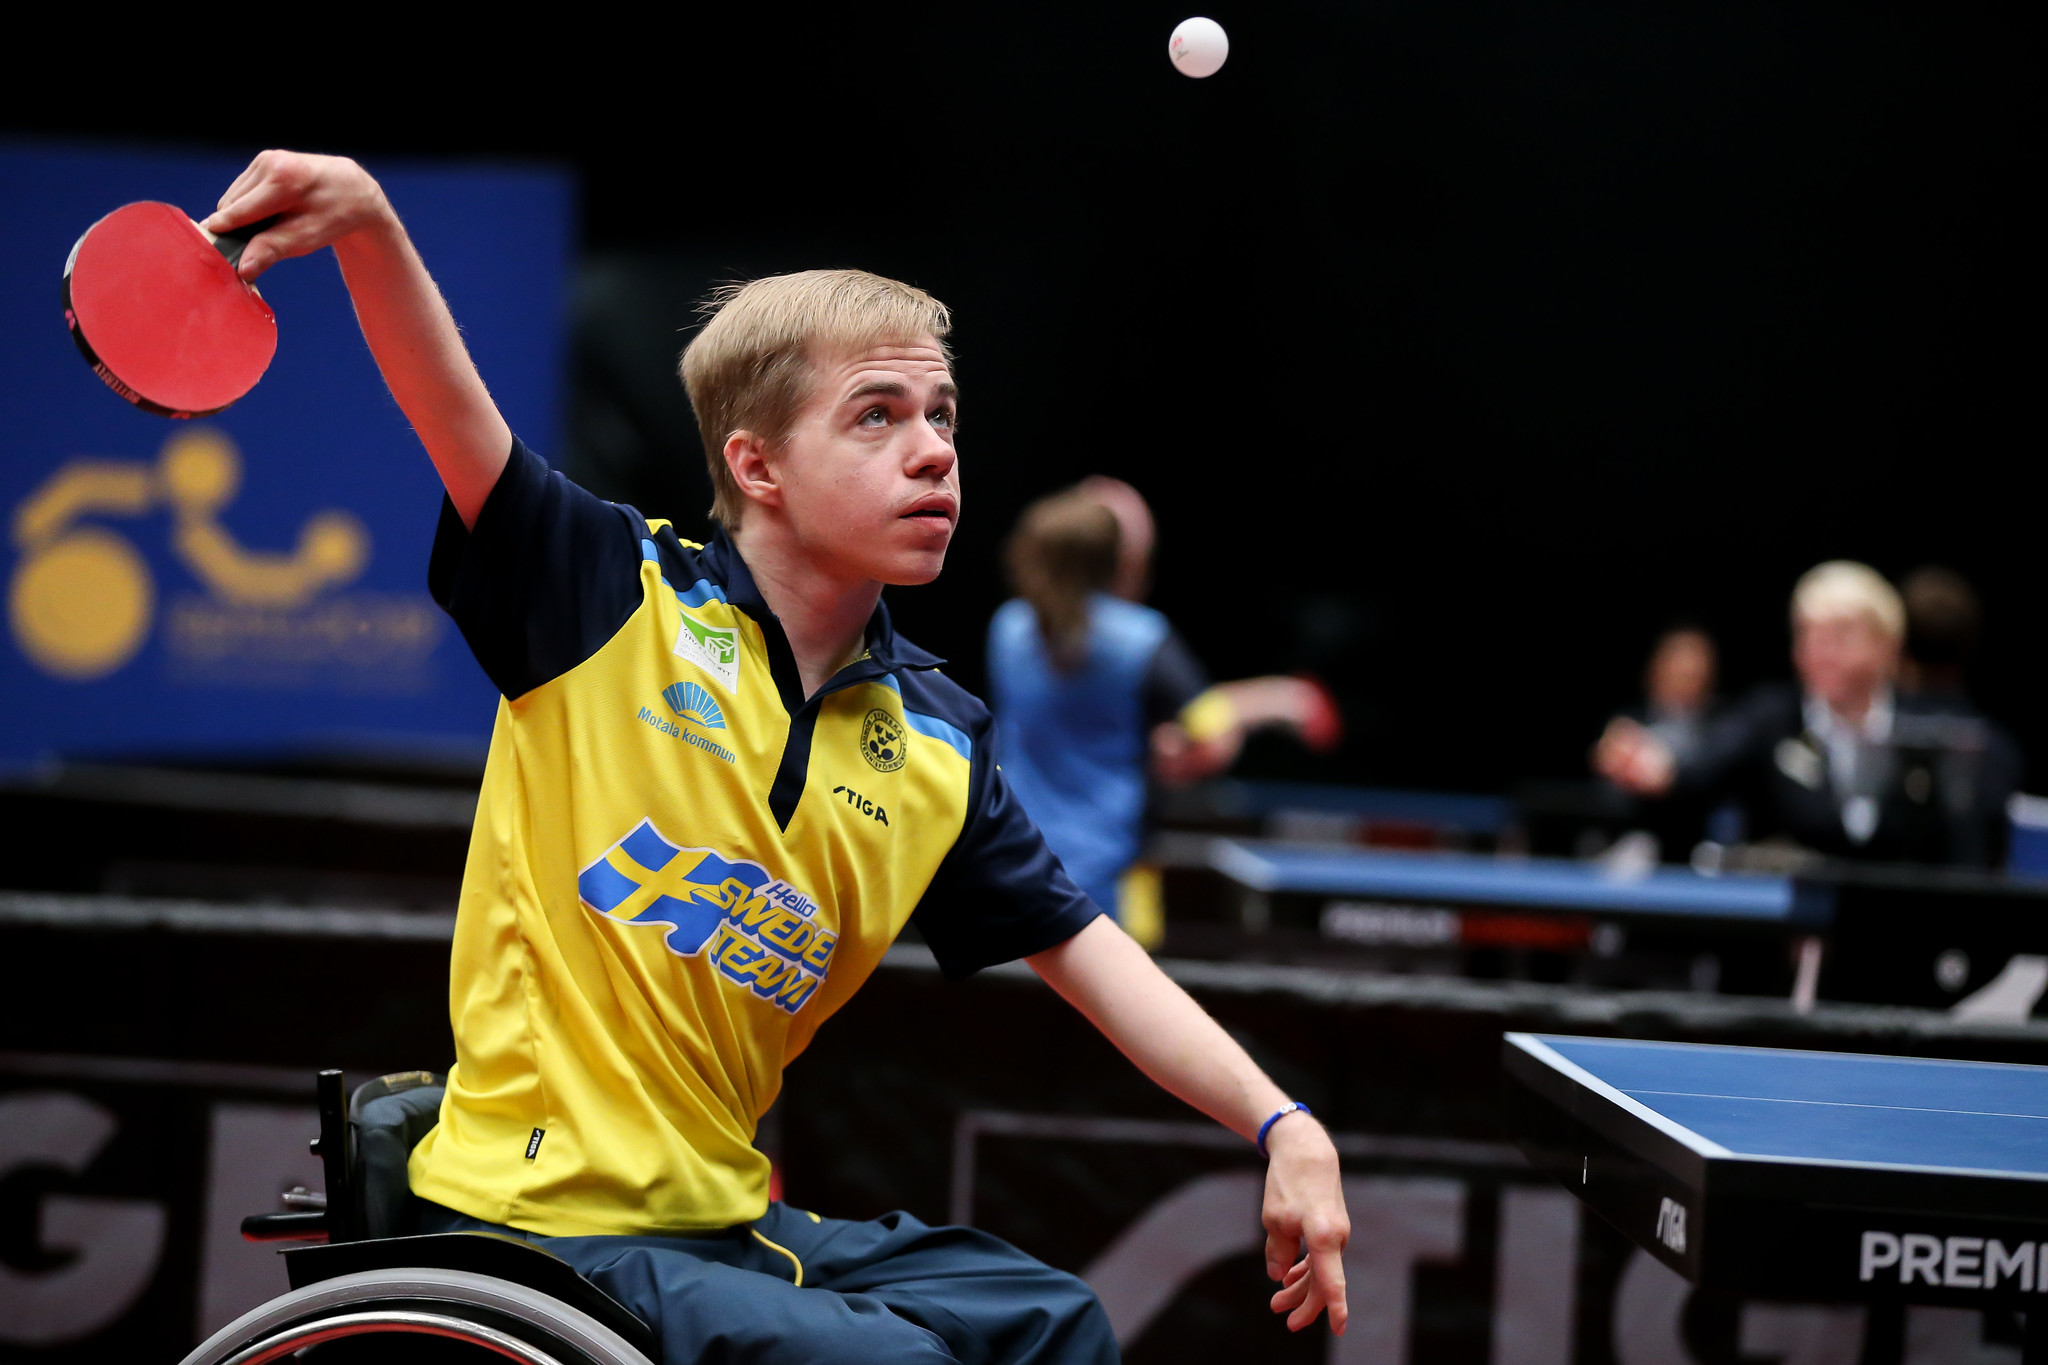 Bordtennisspelaren Alexander Öhgren har kastat upp bollen och höjer sitt rack för att slå iväg den.